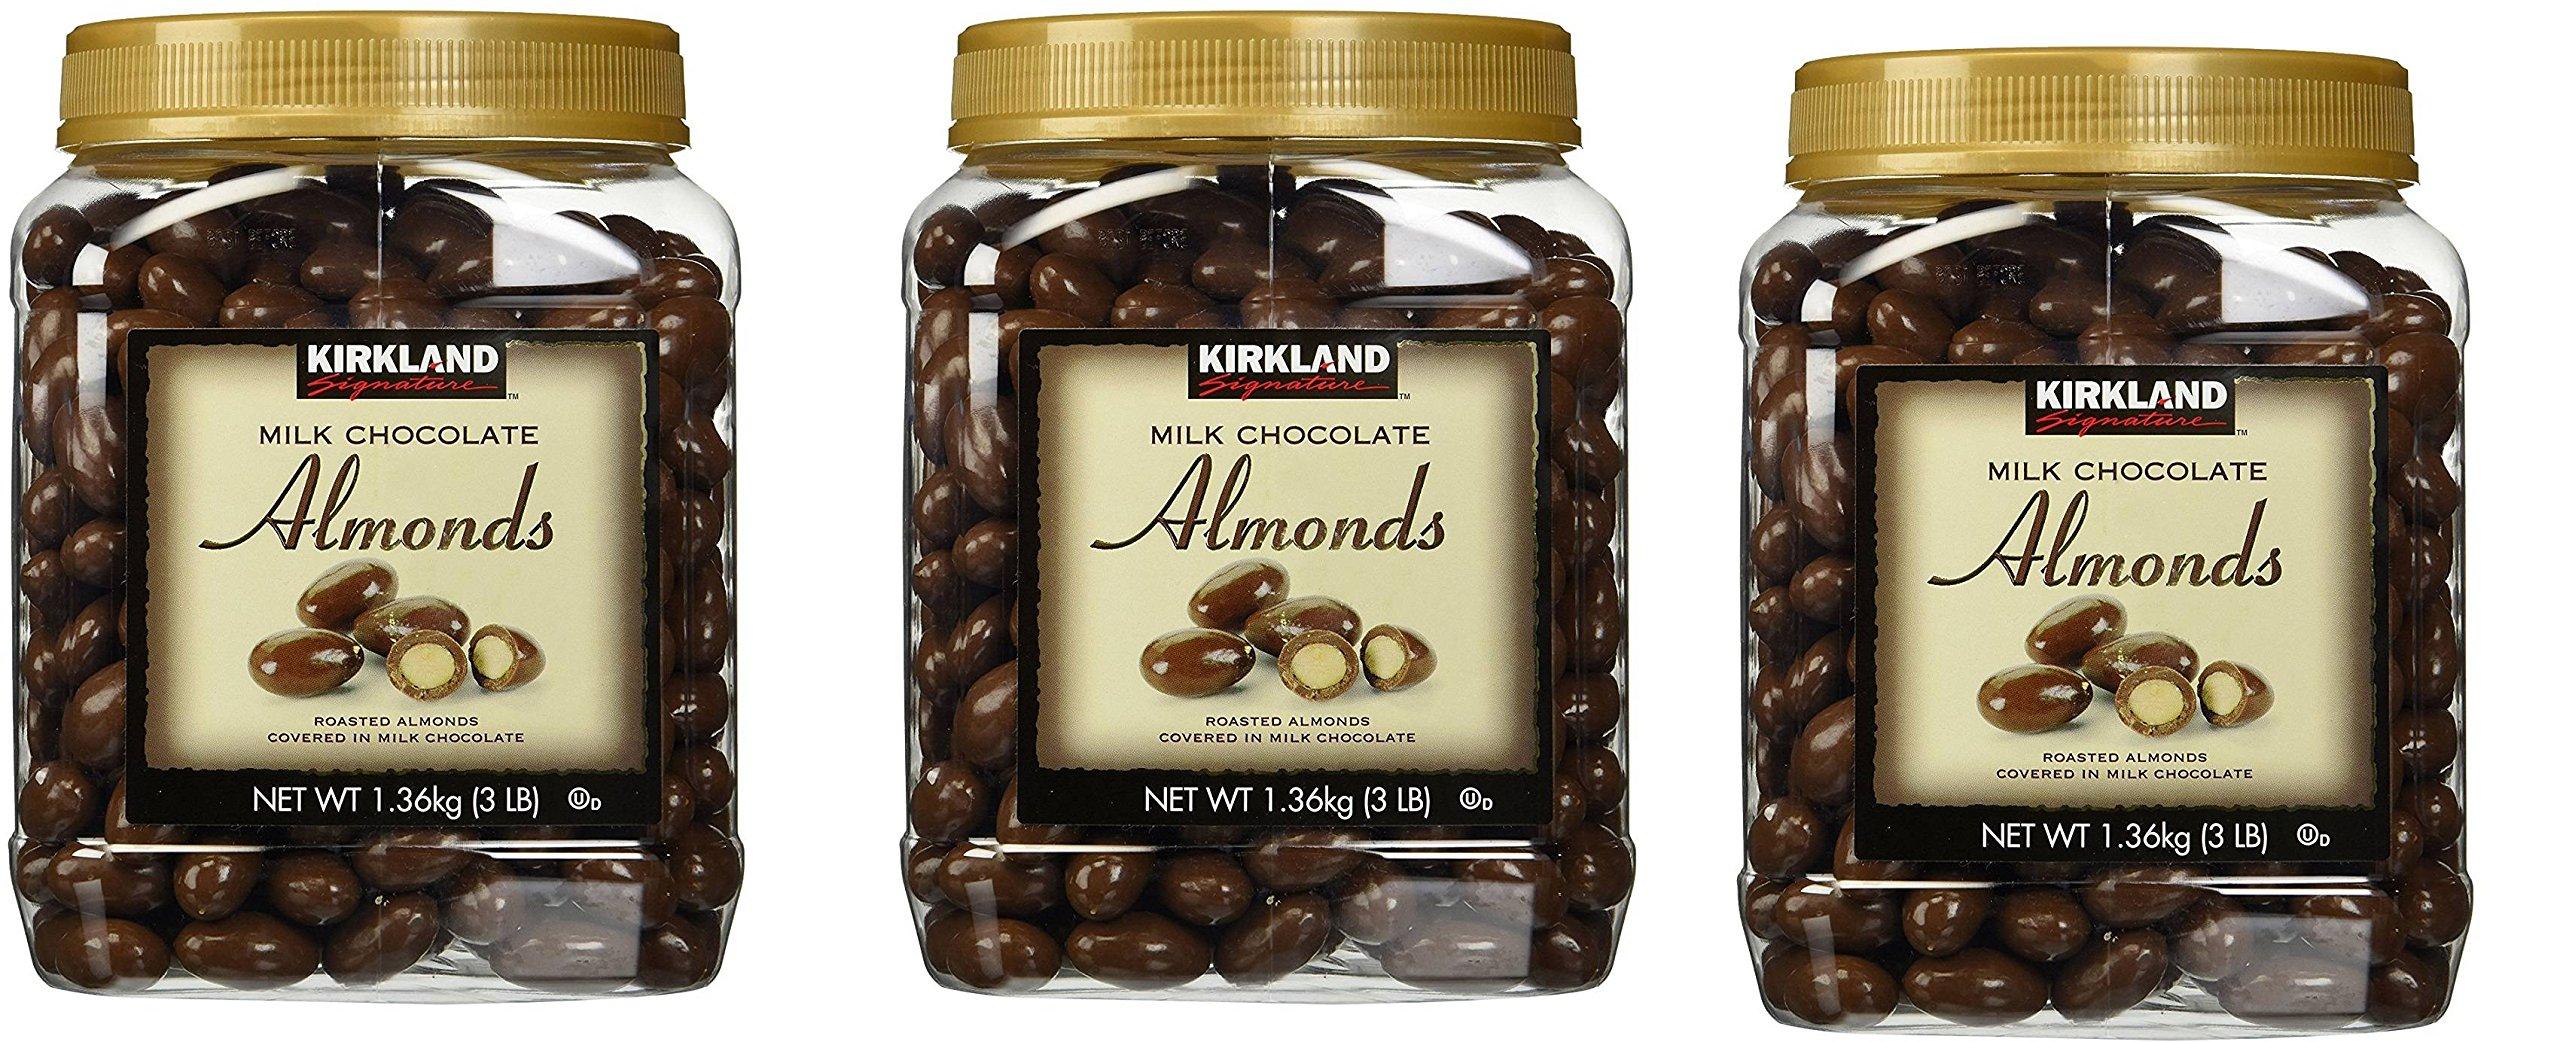 Kirkland Signature Milk Chocolate Roasted Almonds Jars [Pack of 3, 3LBS (48 Oz) Each]